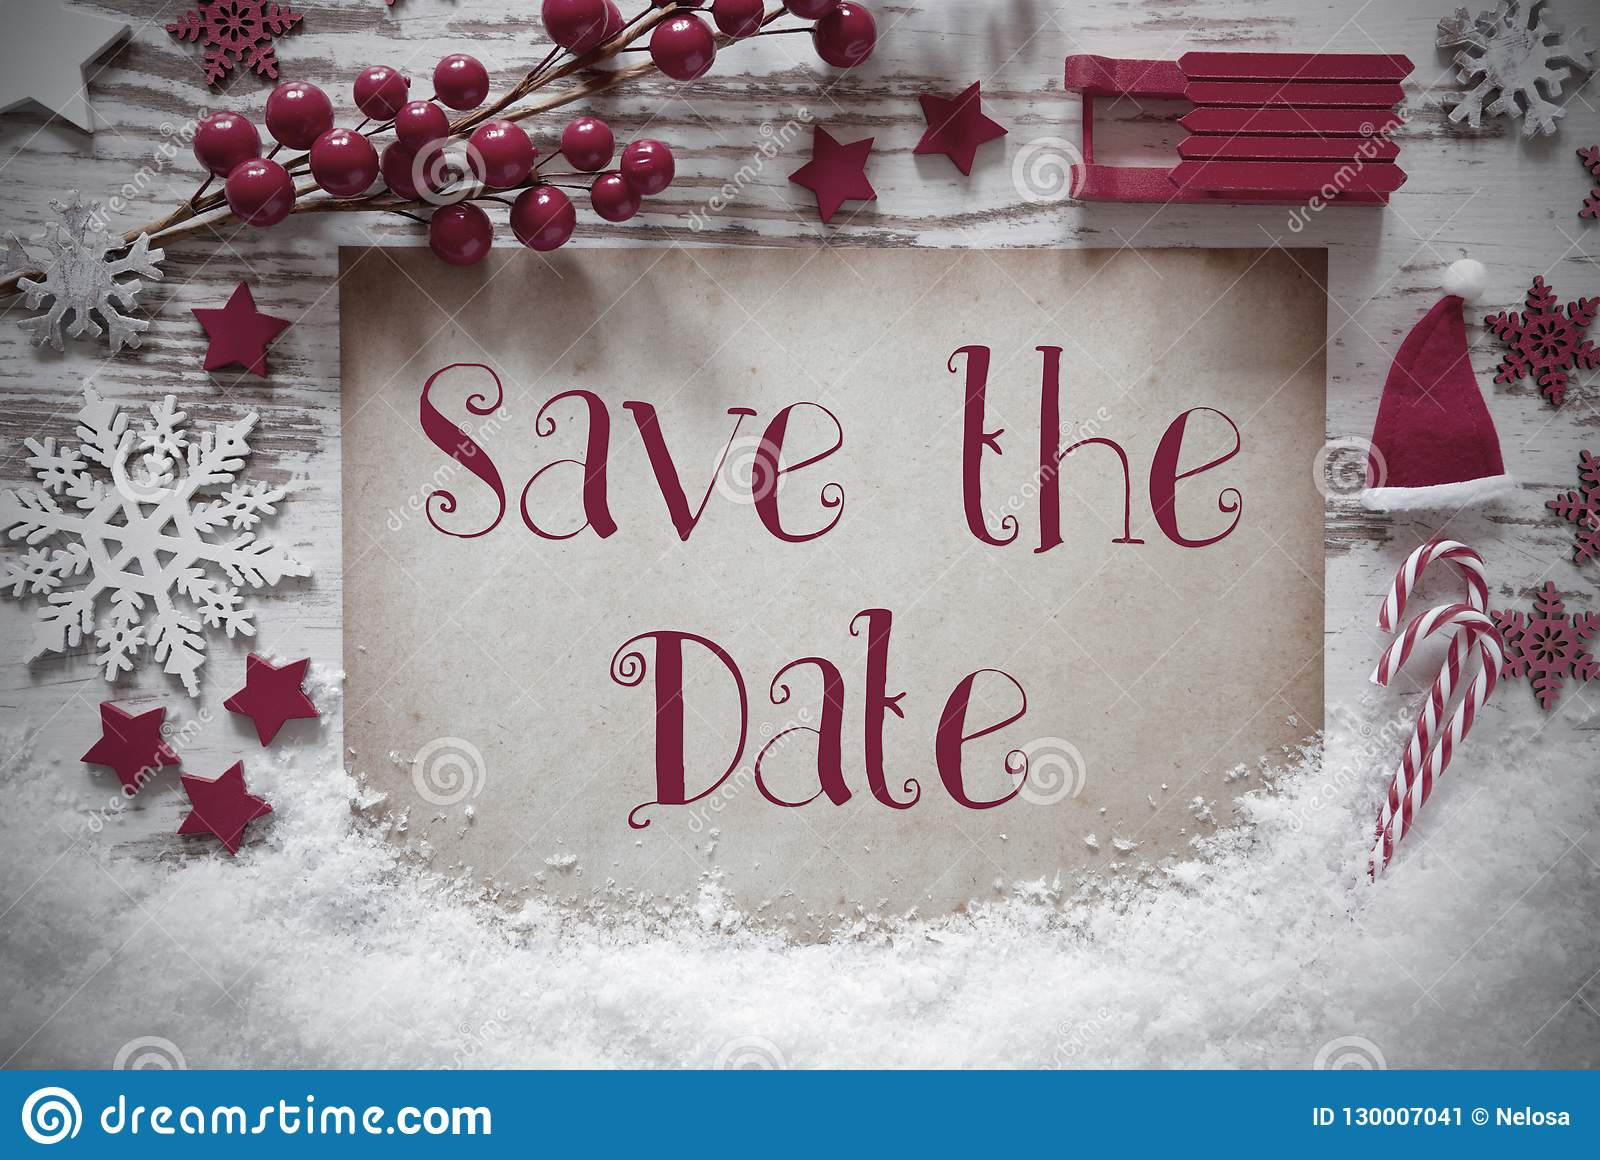 Czerwona Bożenarodzeniowa dekoracja, śnieg, Angielski tekst Oprócz daty